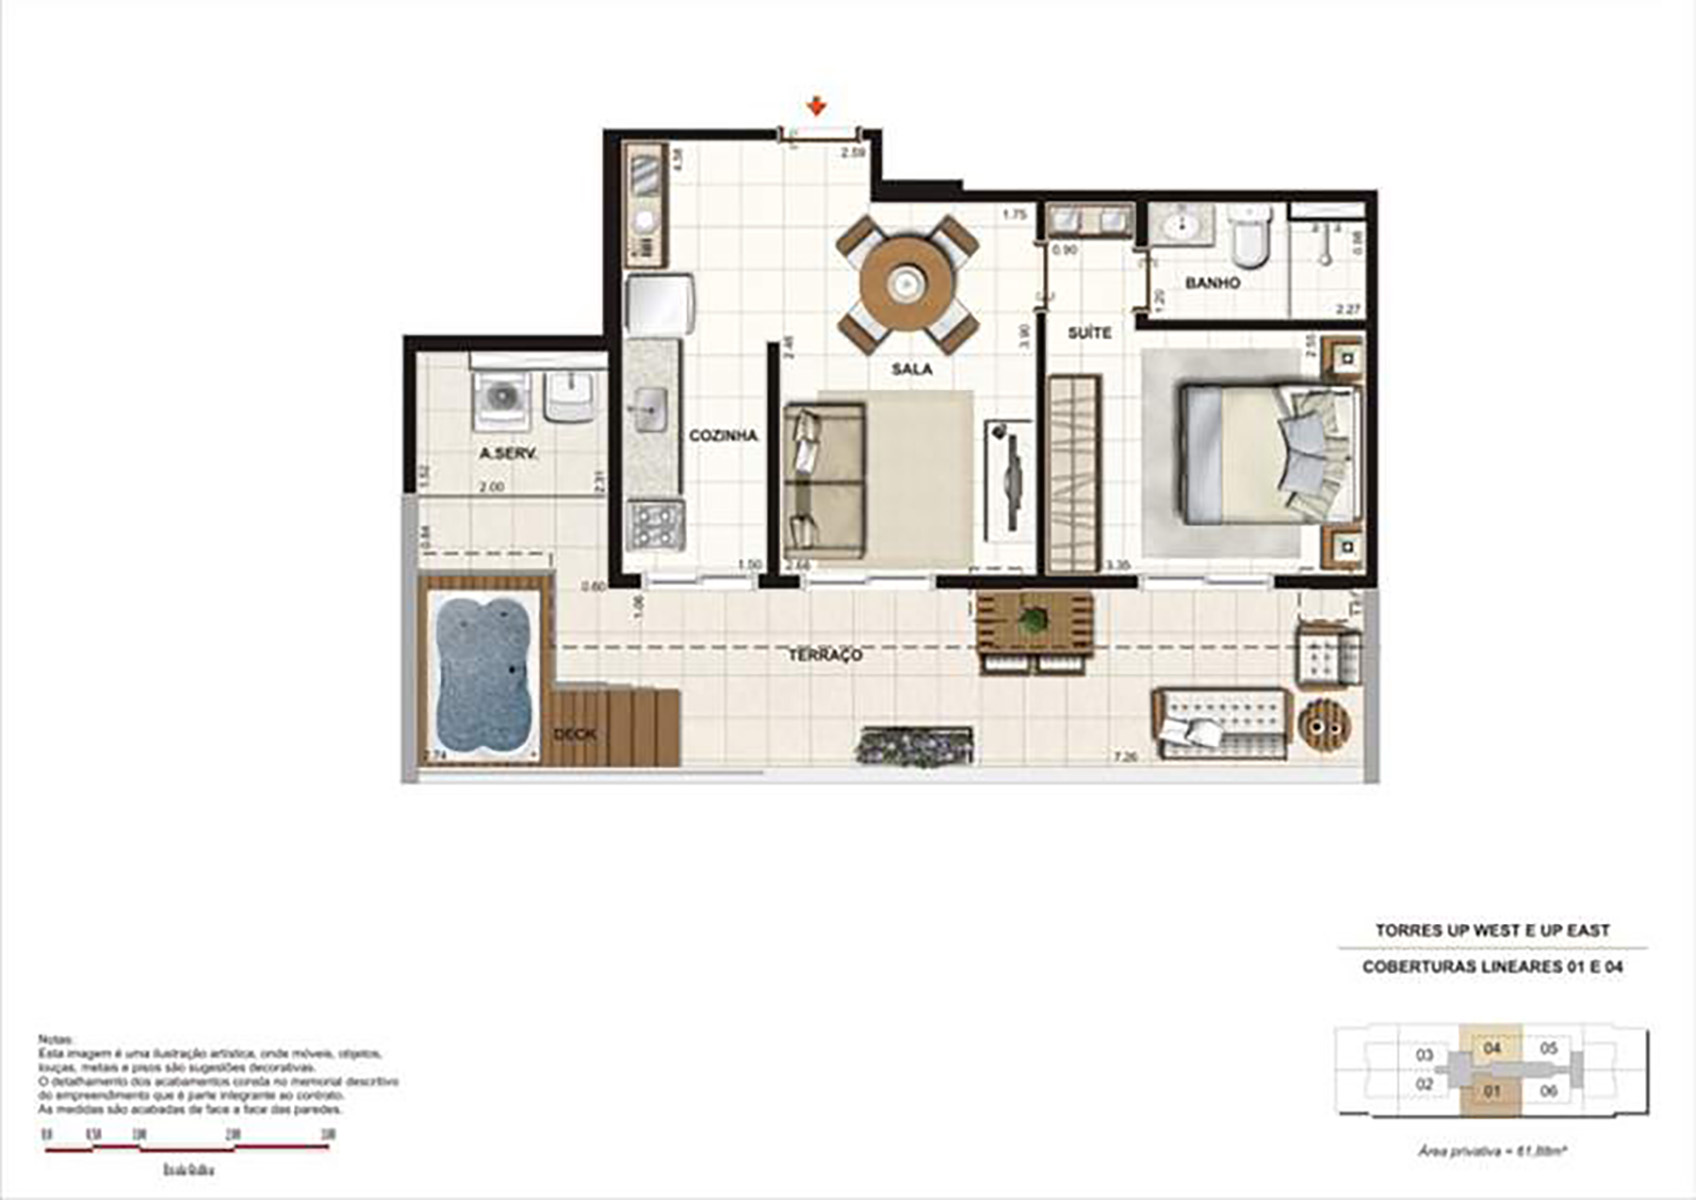 Ilustração Artística da Planta 61 m² tipo 1 Up Residence